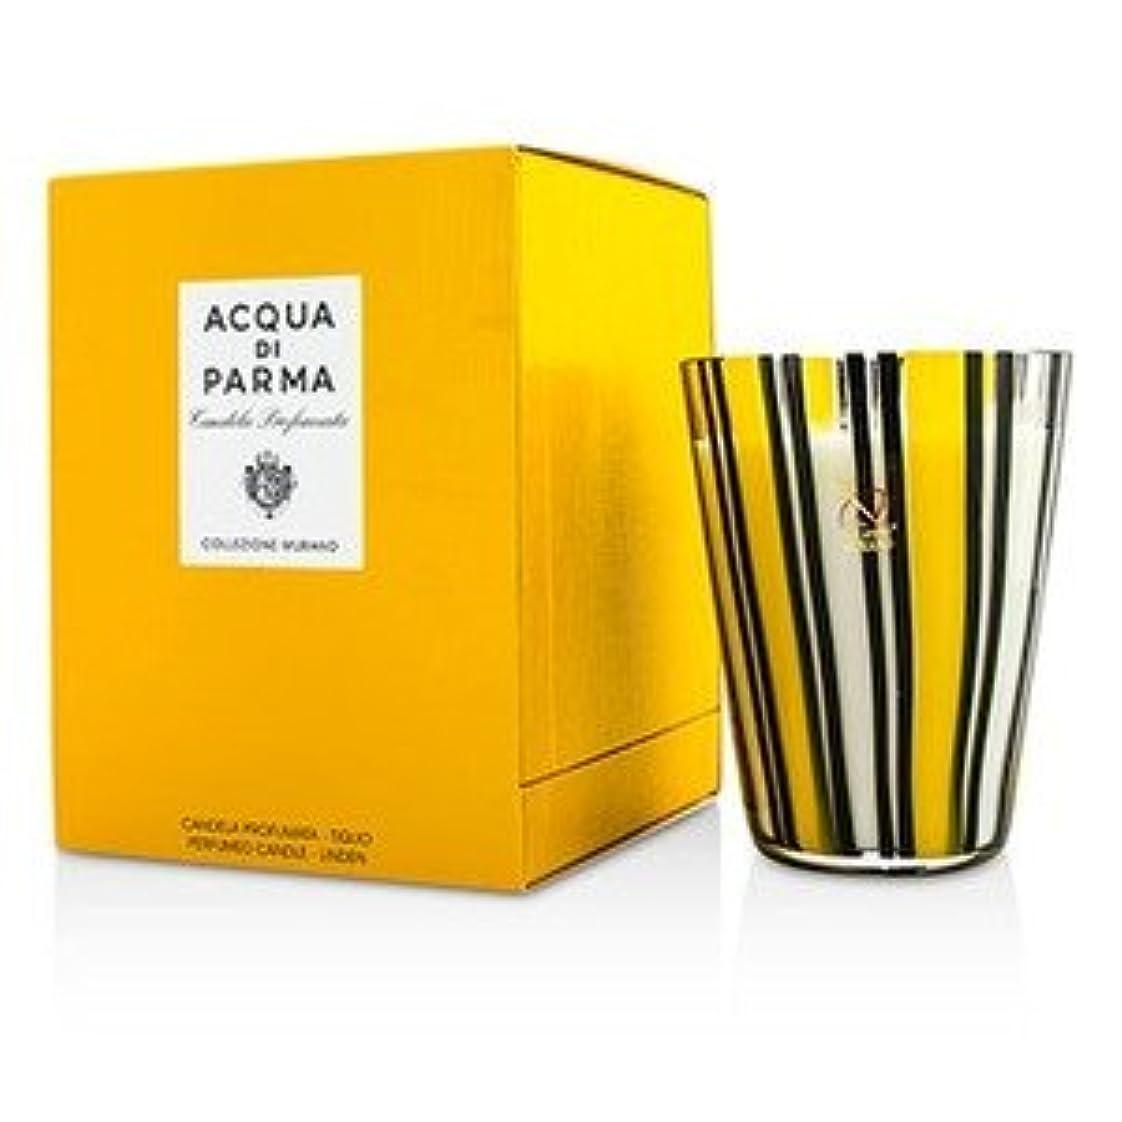 汚染するその相手アクア ディ パルマ[Acqua Di Parma] ムラノ グラス パフューム キャンドル - Tiglio(Linen) 200g/7.05oz [並行輸入品]